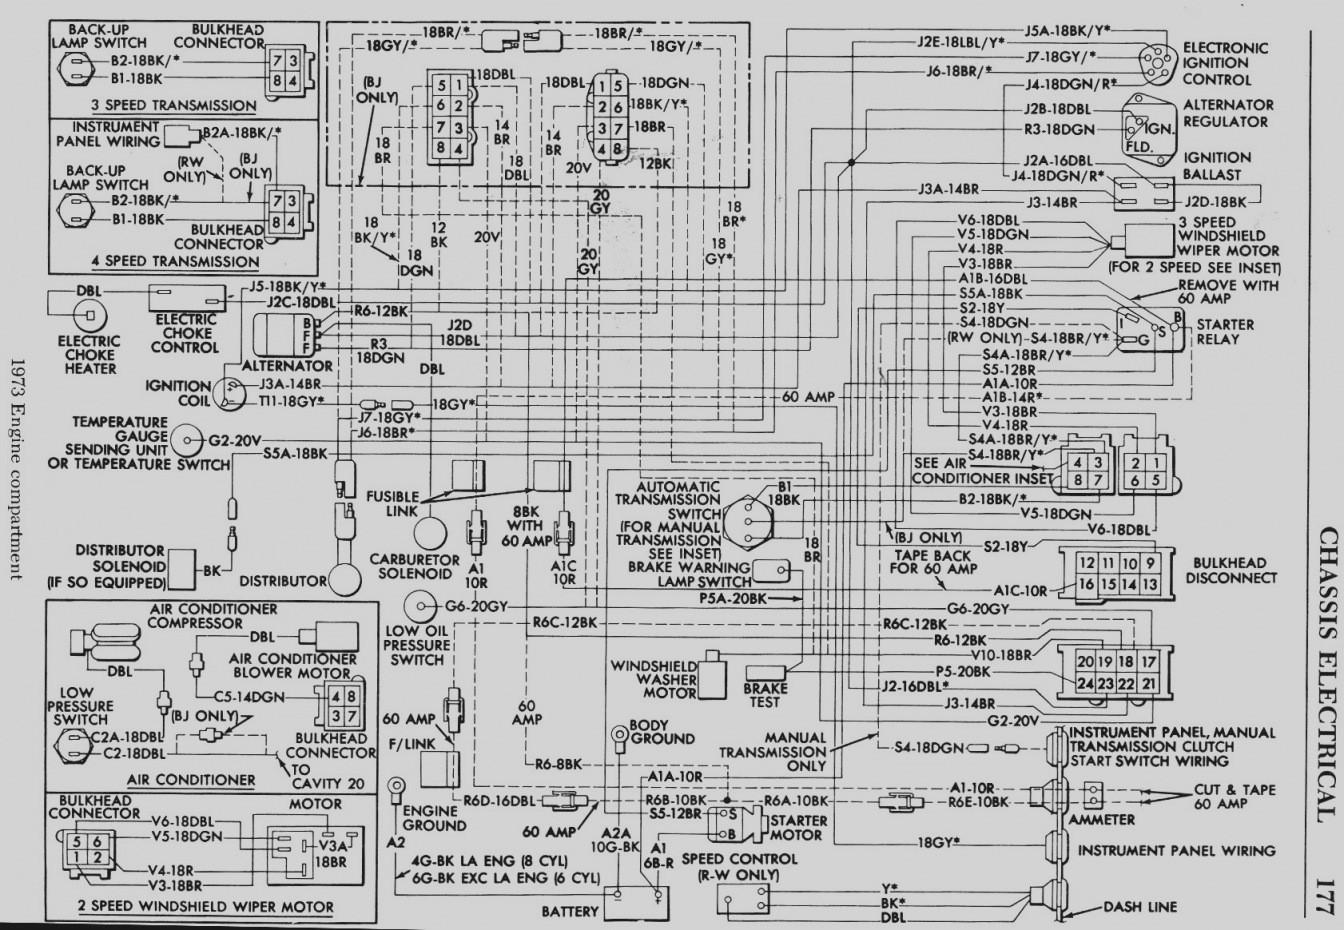 1972 dodge dart wiring diagram schematic zf 4733  challenger radio to amp wiring diagram free diagram  challenger radio to amp wiring diagram